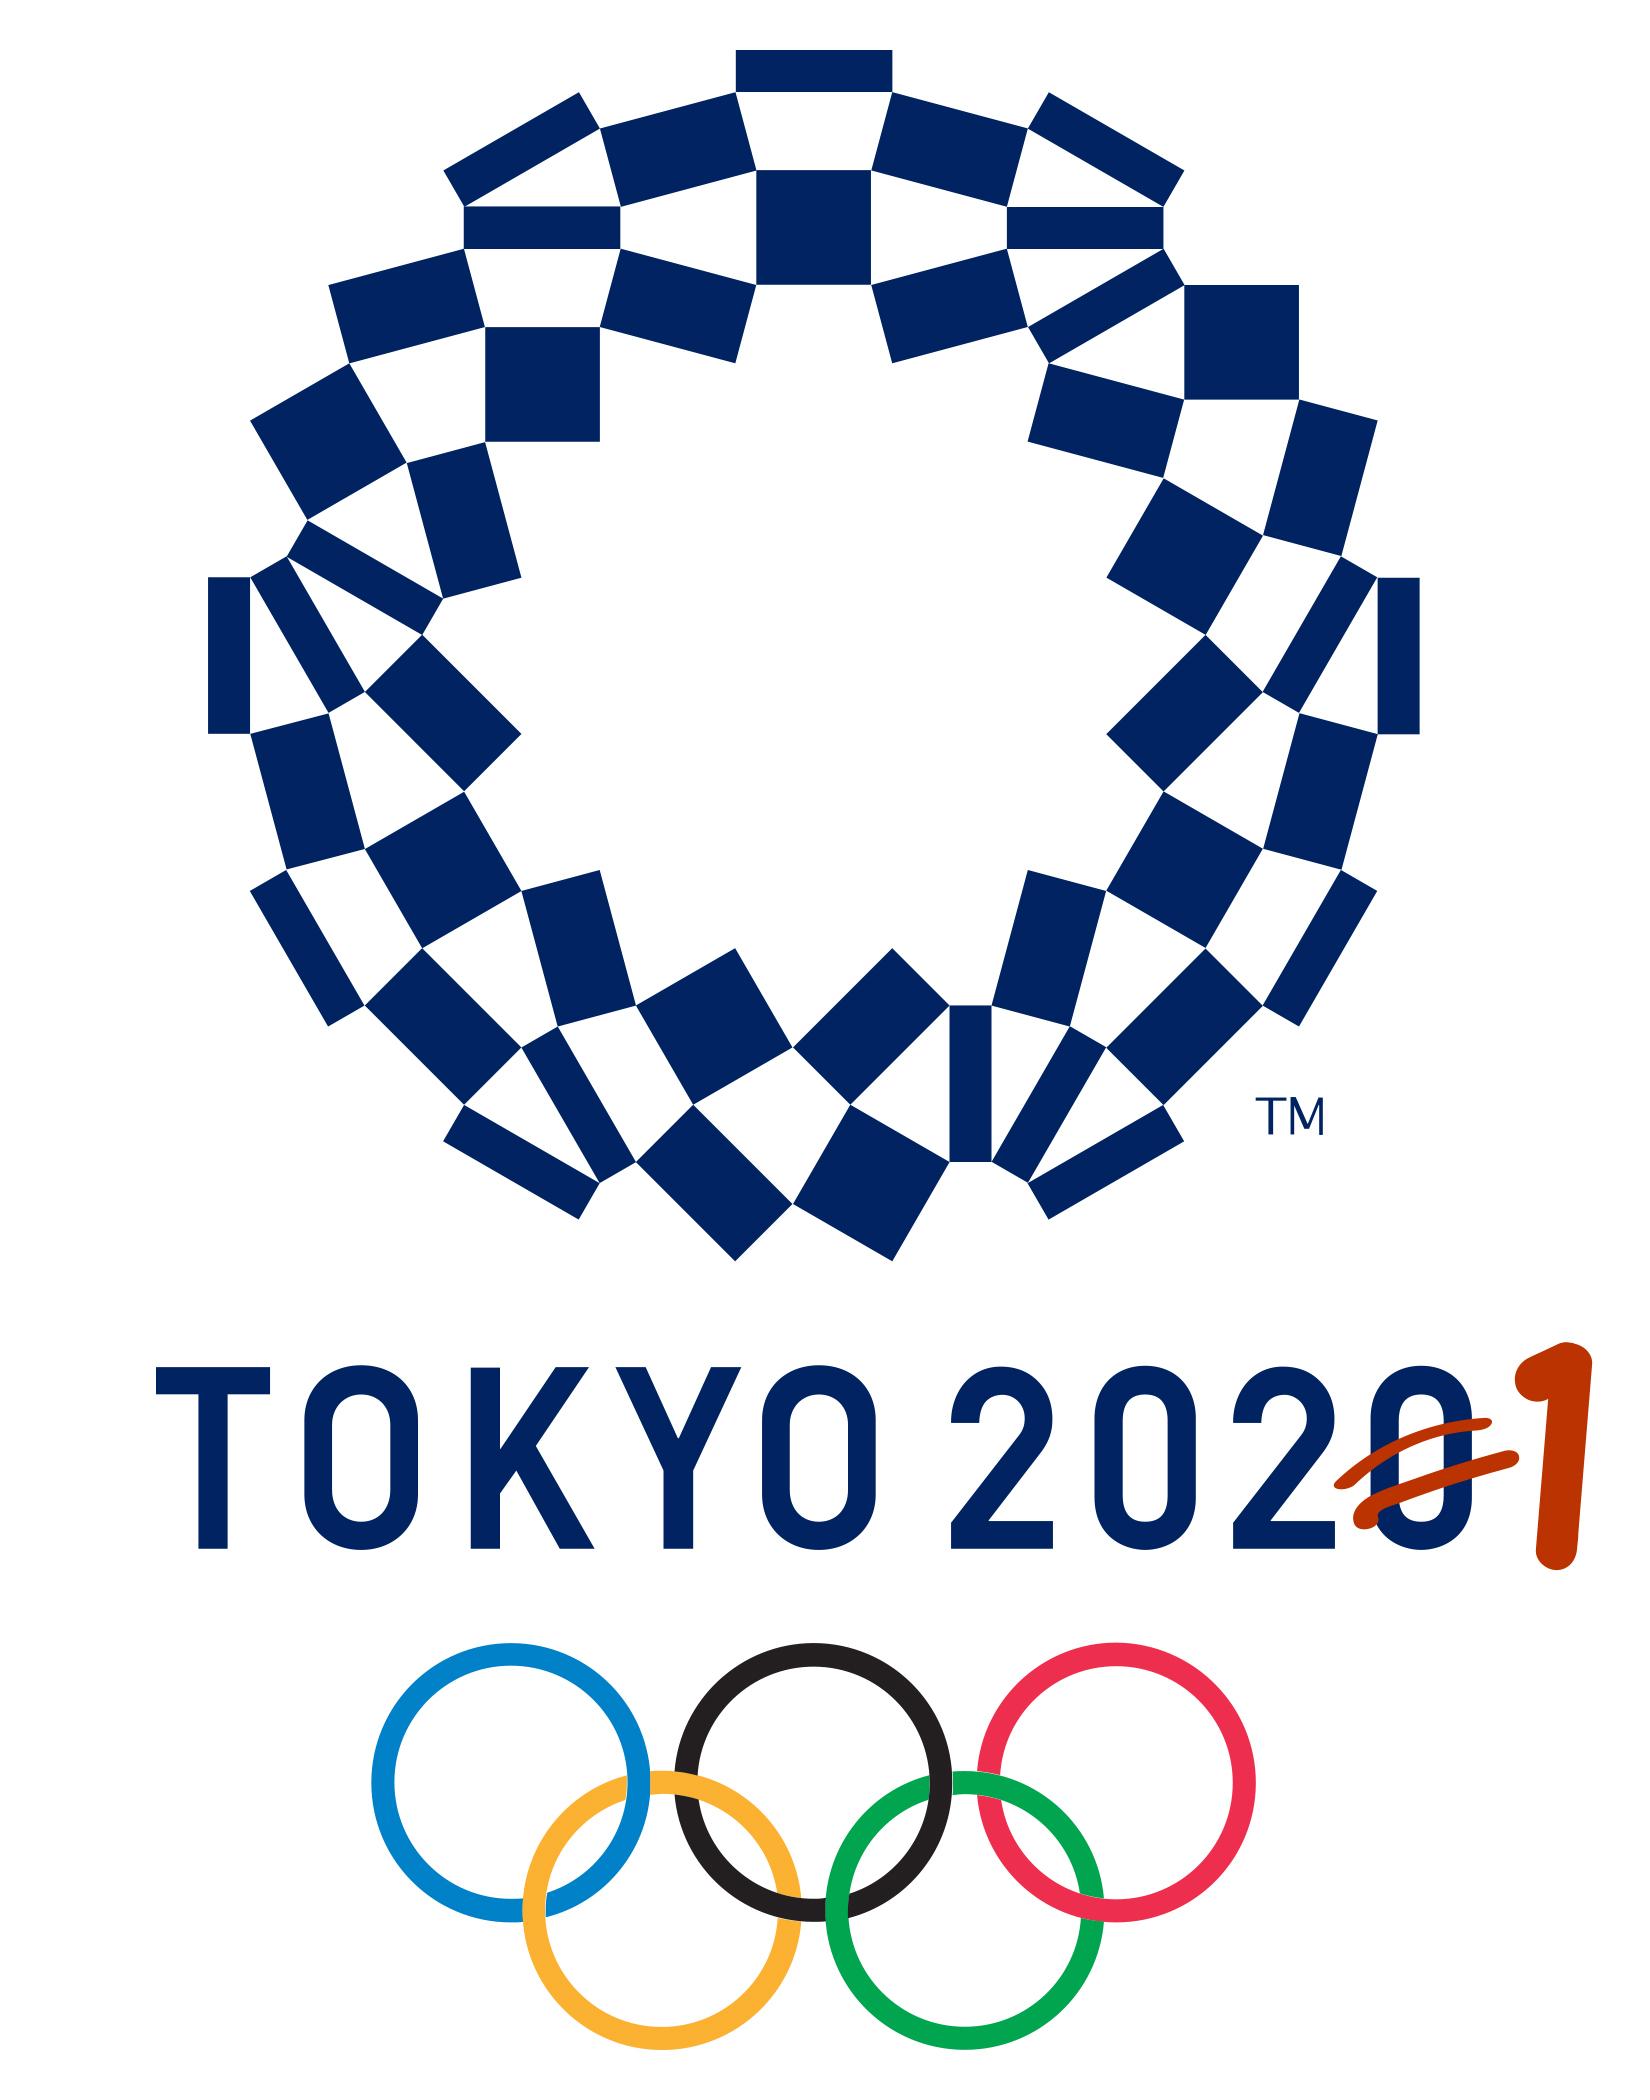 オリンピックは1年延期で開催できるか?